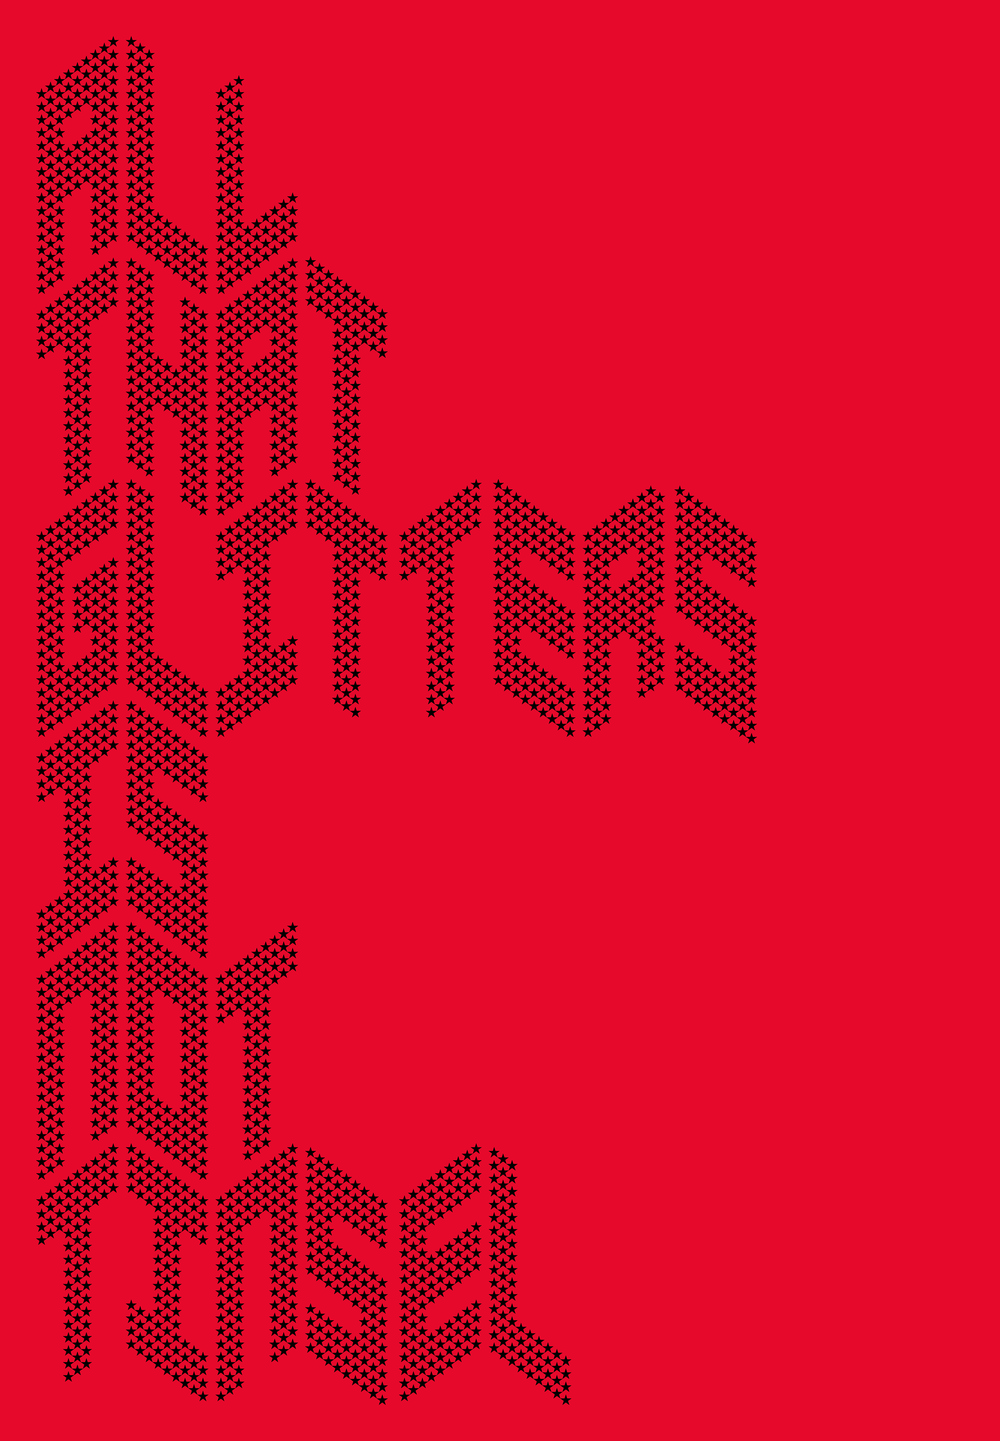 XMas Wrap Tinsel.jpg